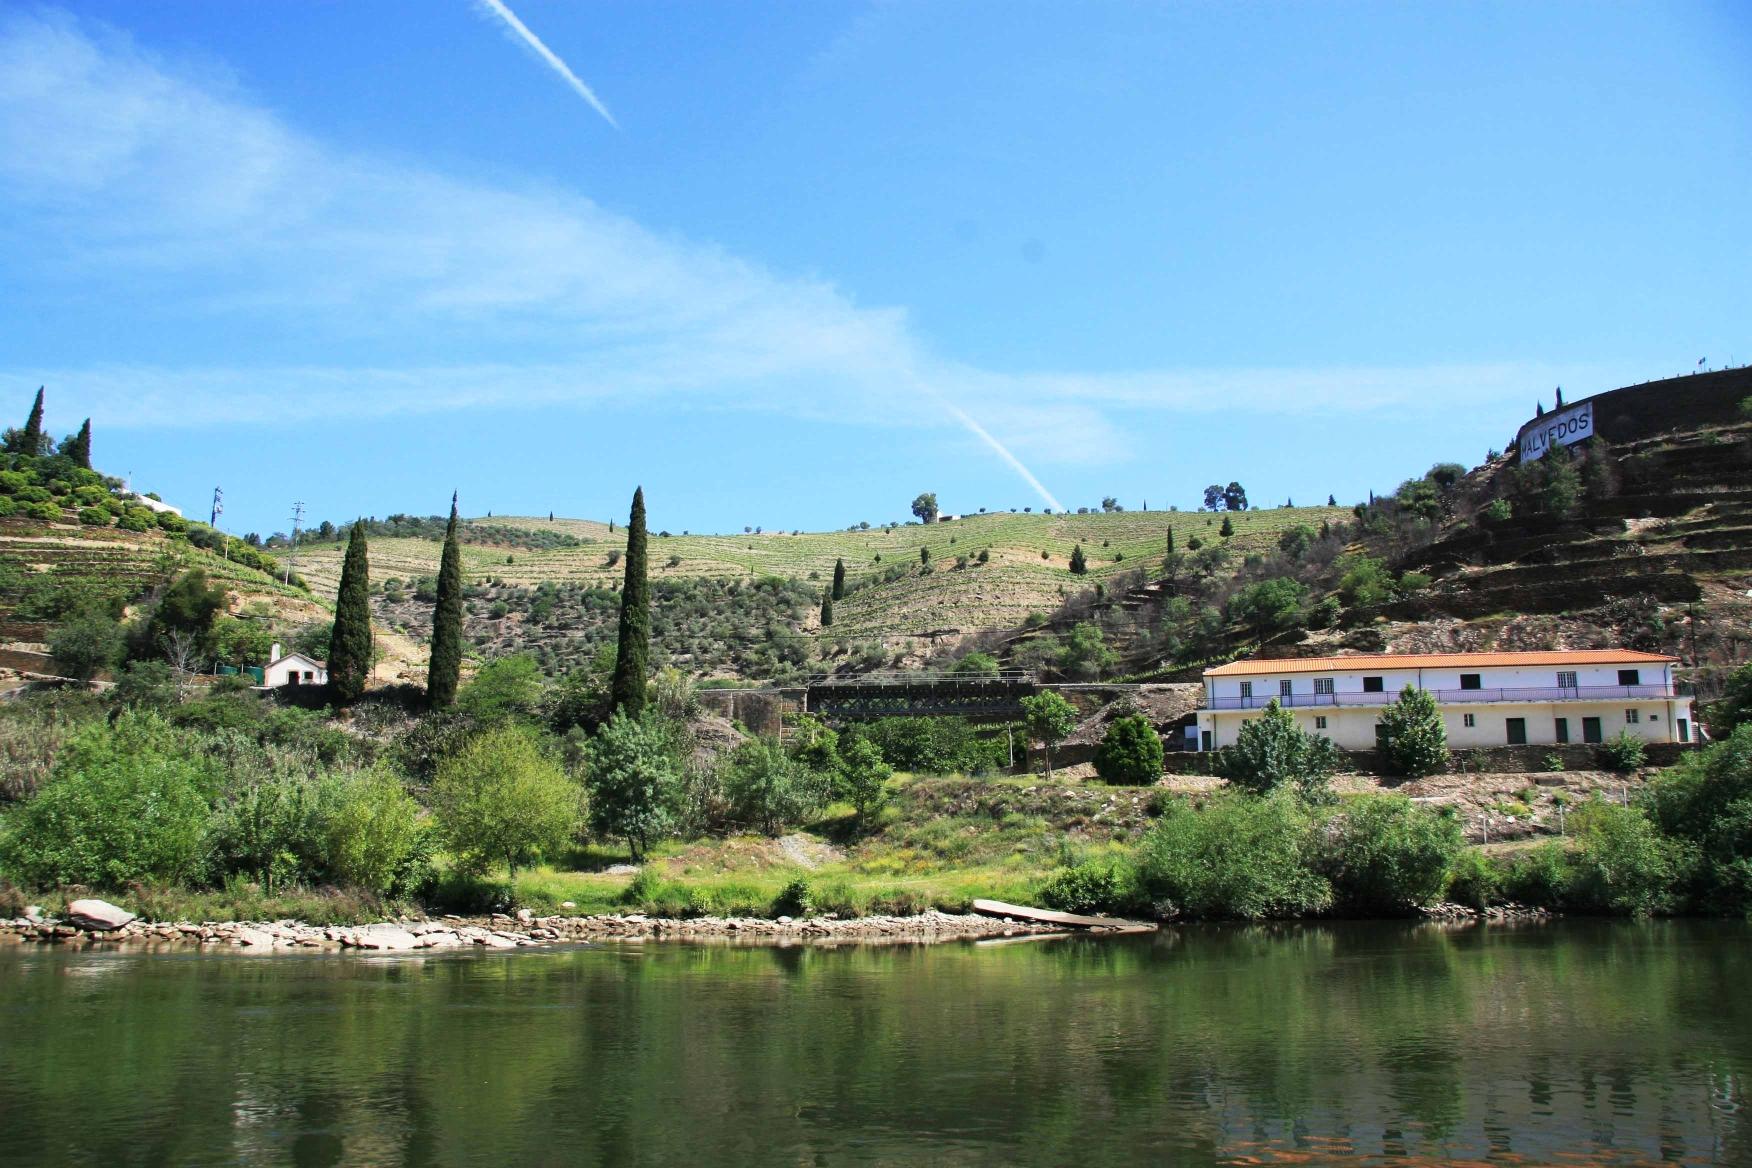 Flussfahrt auf dem Douro mit Blick auf die Eisenbahnbrücke